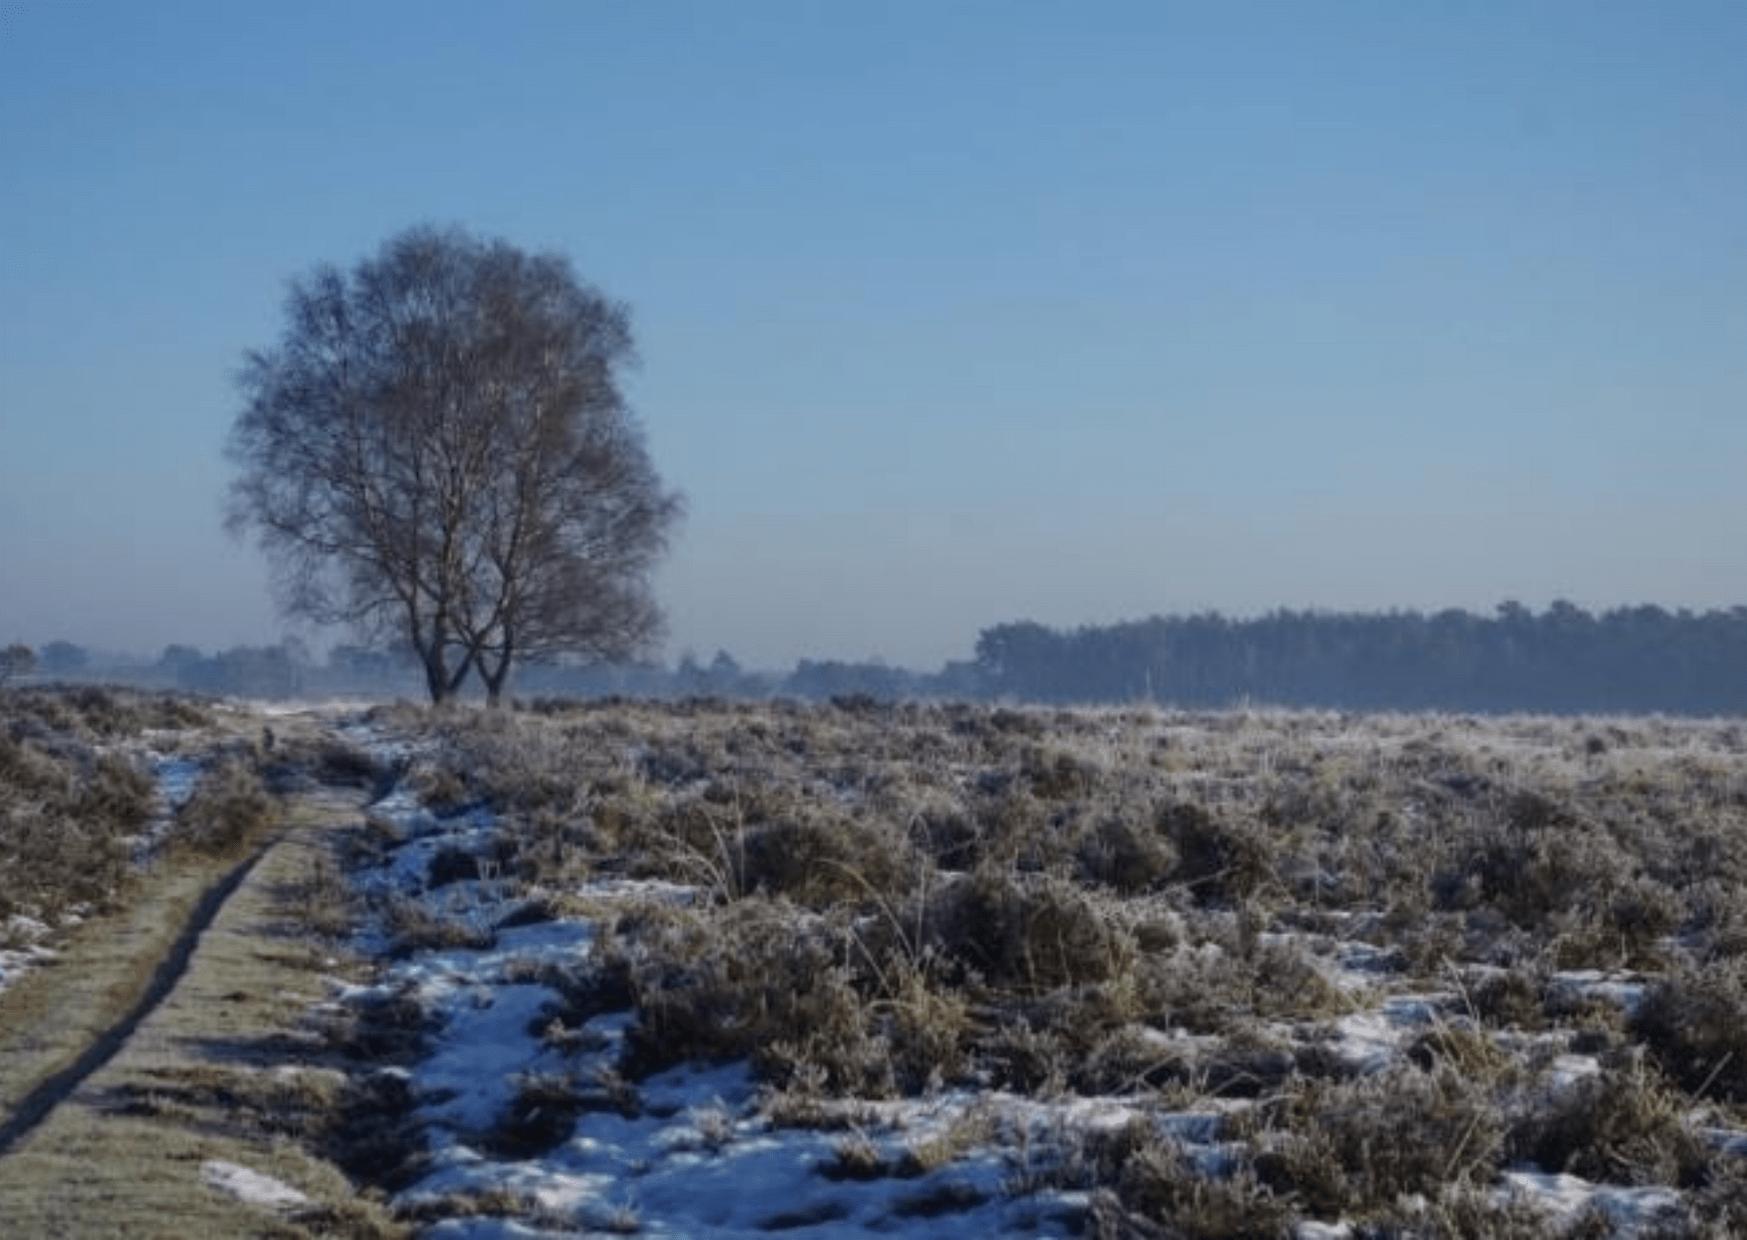 Tryas - Winterwandeling